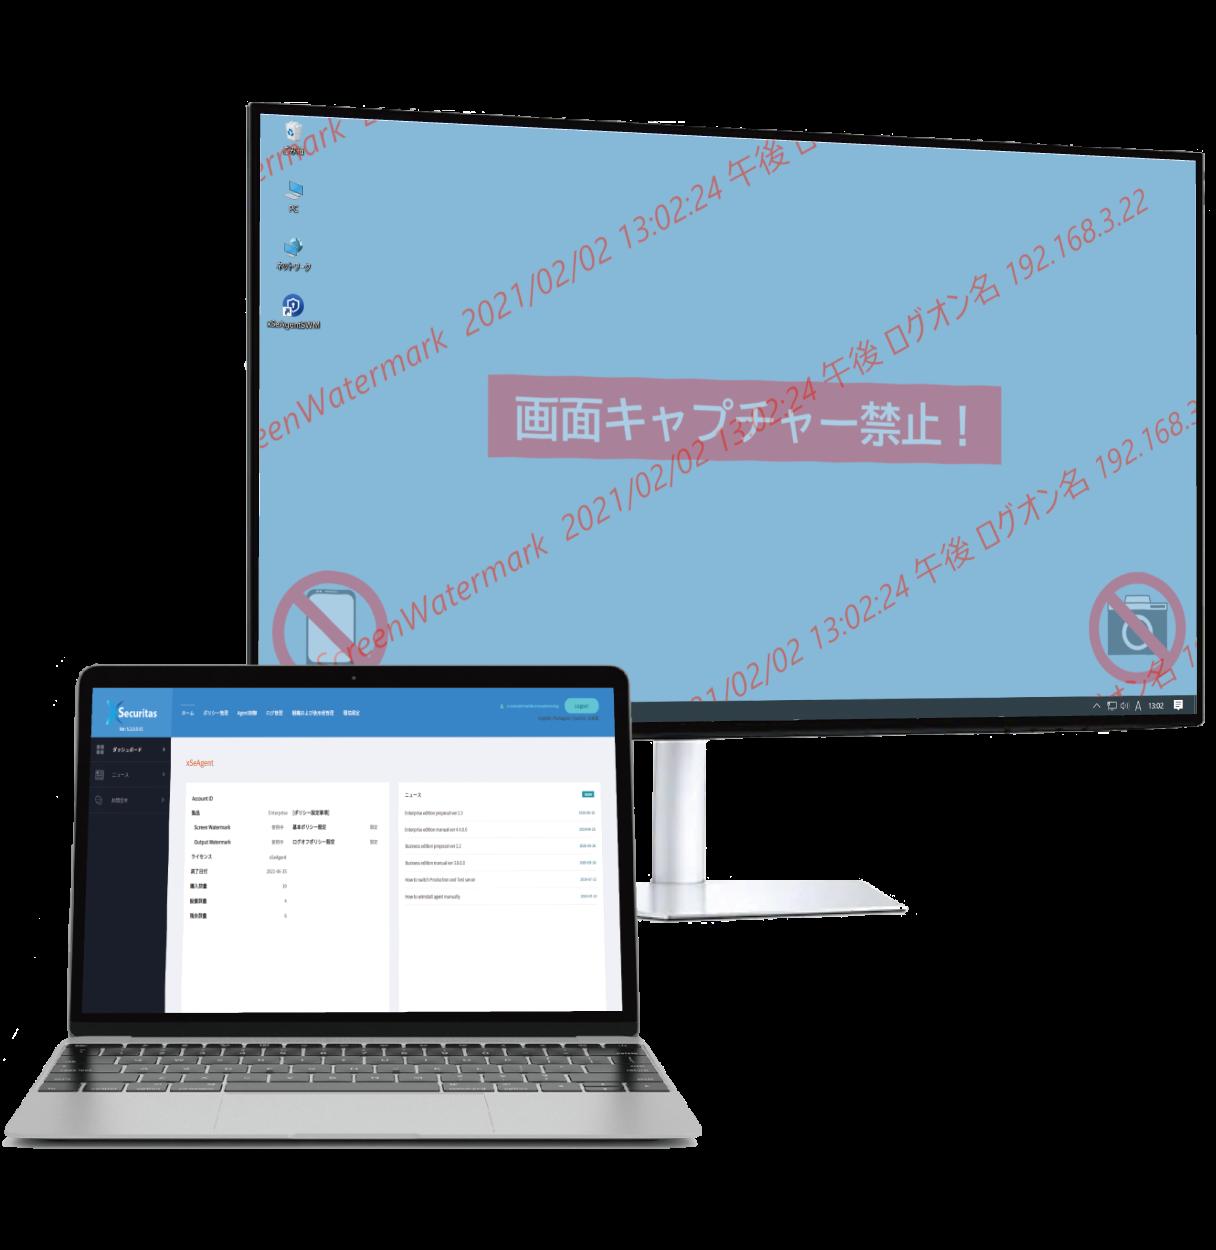 xSecuritas ScreenWatermark スクリーンウォーターマーク でPC画面・印刷物にウォーターマーク(透かし)を表示して情報漏洩から重要な情報を守る